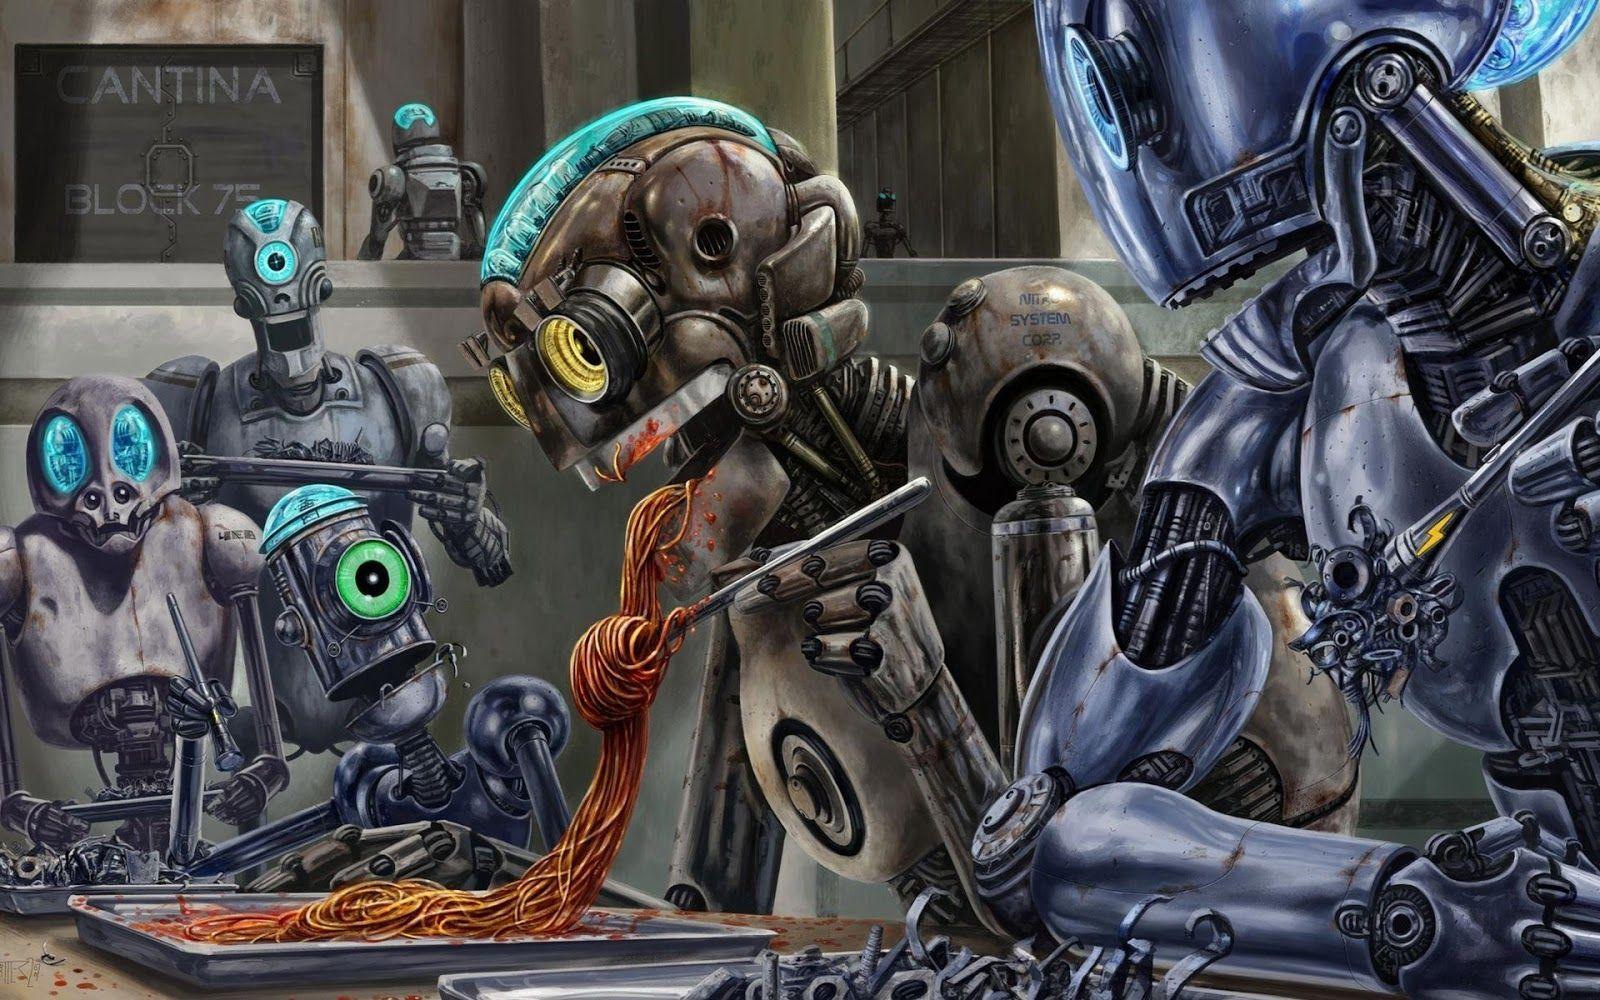 Wallpaper Hd Robot Fondos De Pantalla Escritorio Fondos De Pantalla Hd Y Fondos De Pantalla